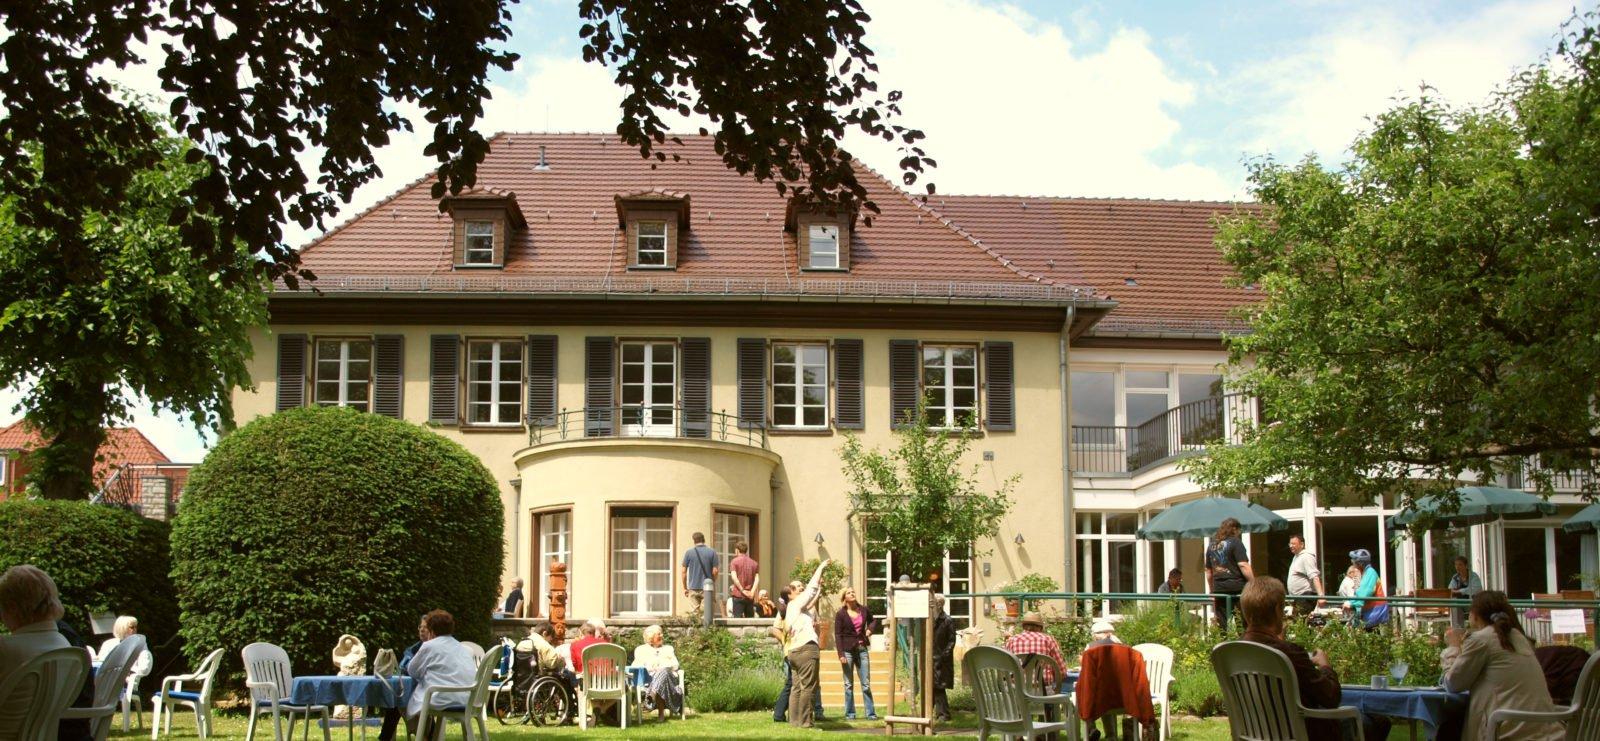 Ein Foto der Villa Donnersmarck. Im Vordergrund laufen Menschen durch den Garten oder sitzen an Tischen.